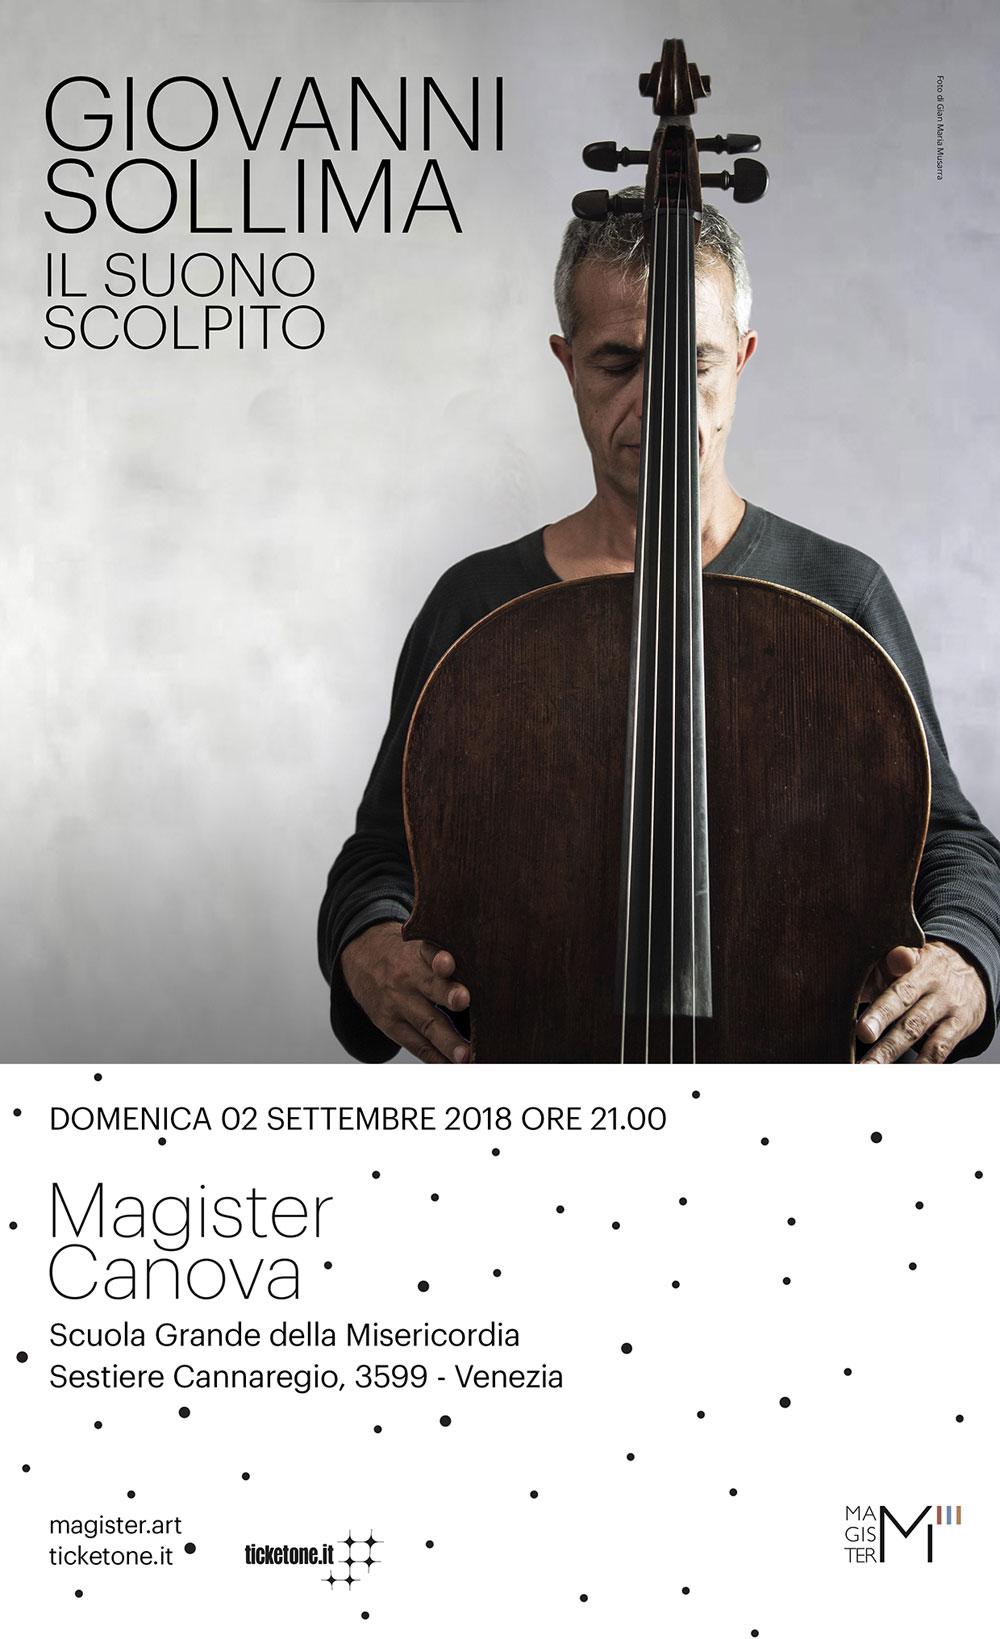 Esclusivo concerto di Giovanni Sollima in occasione di Magister Canova